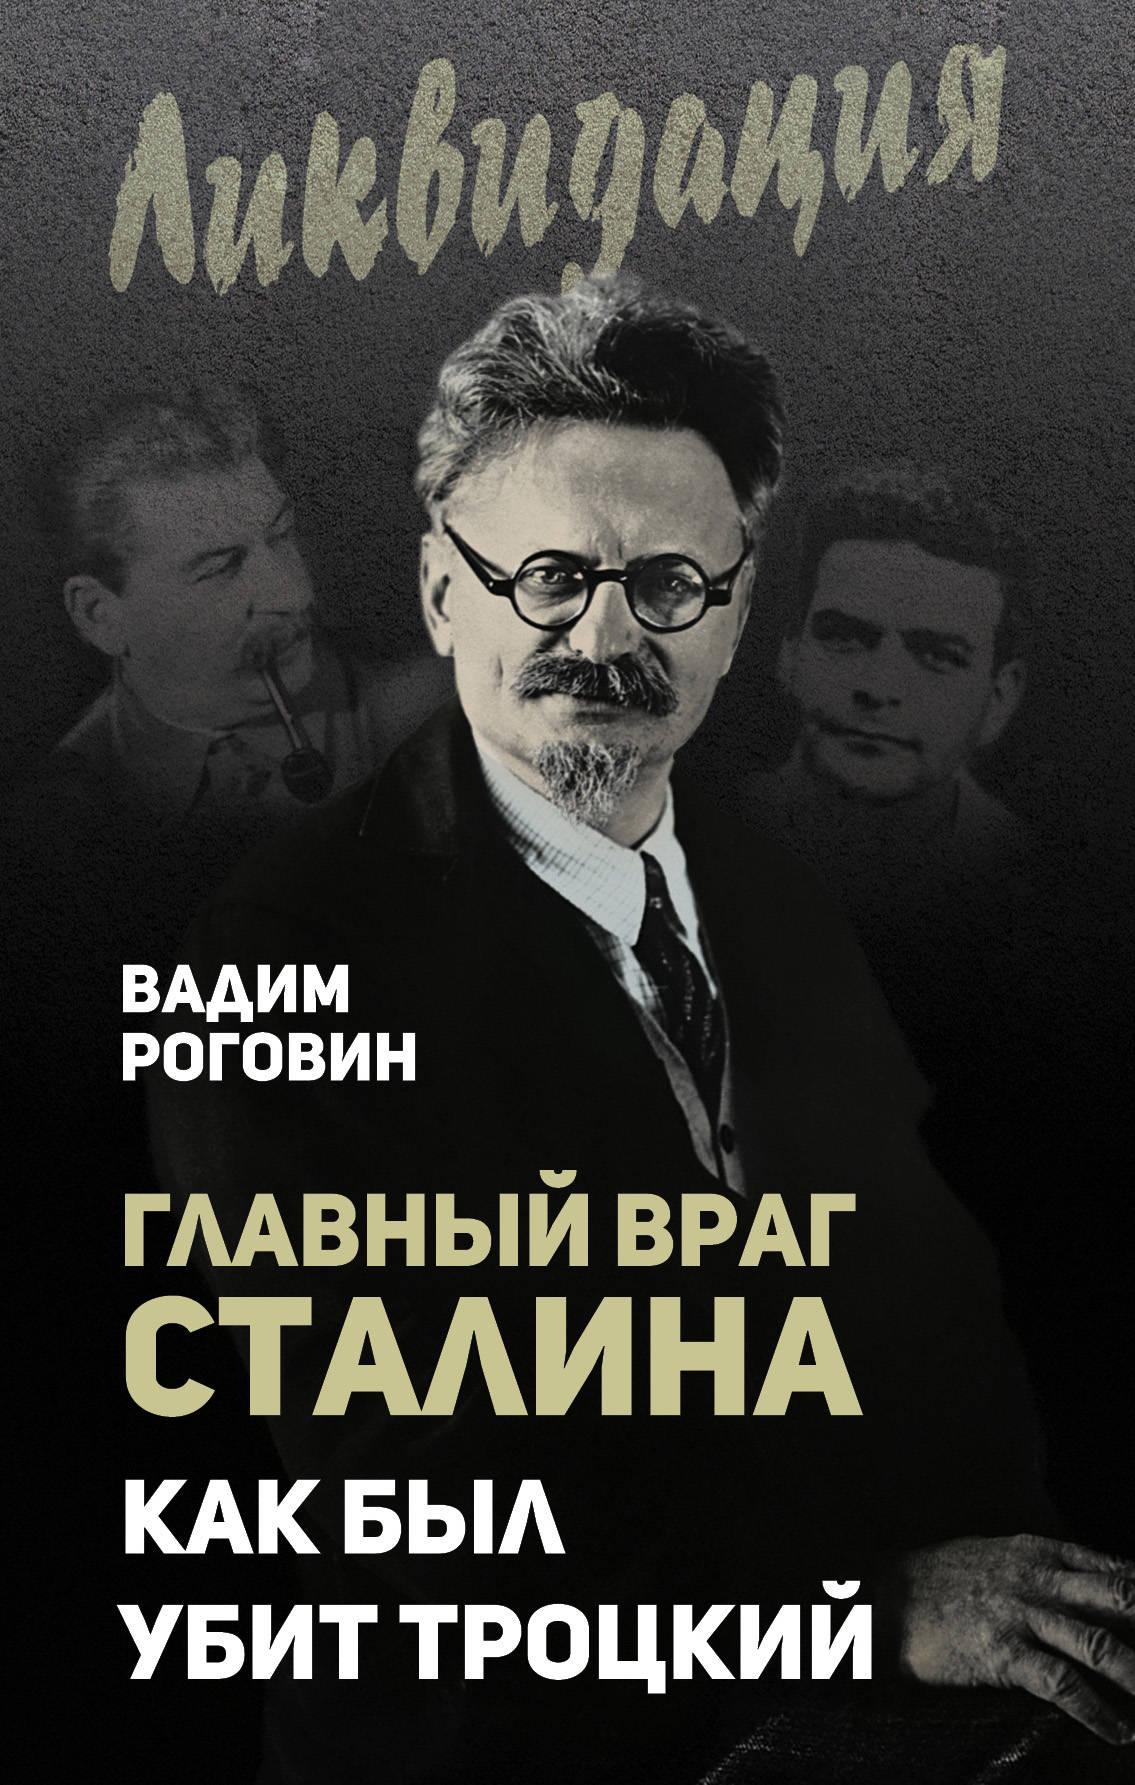 Роговин Вадим Захарович Главный враг Сталина. Как был убит Троцкий